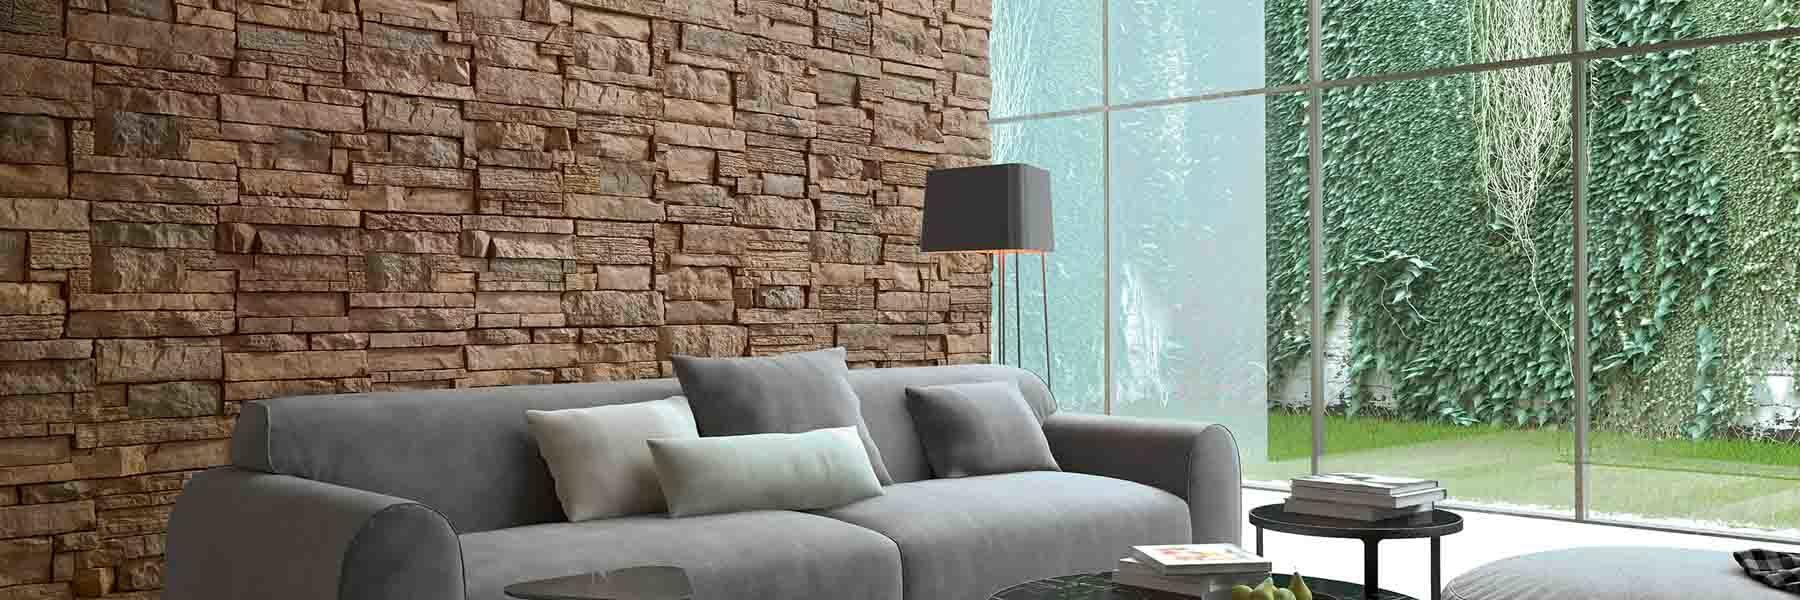 Salon intérieur avec un pan de mur en pierre reconstituée acl nisa